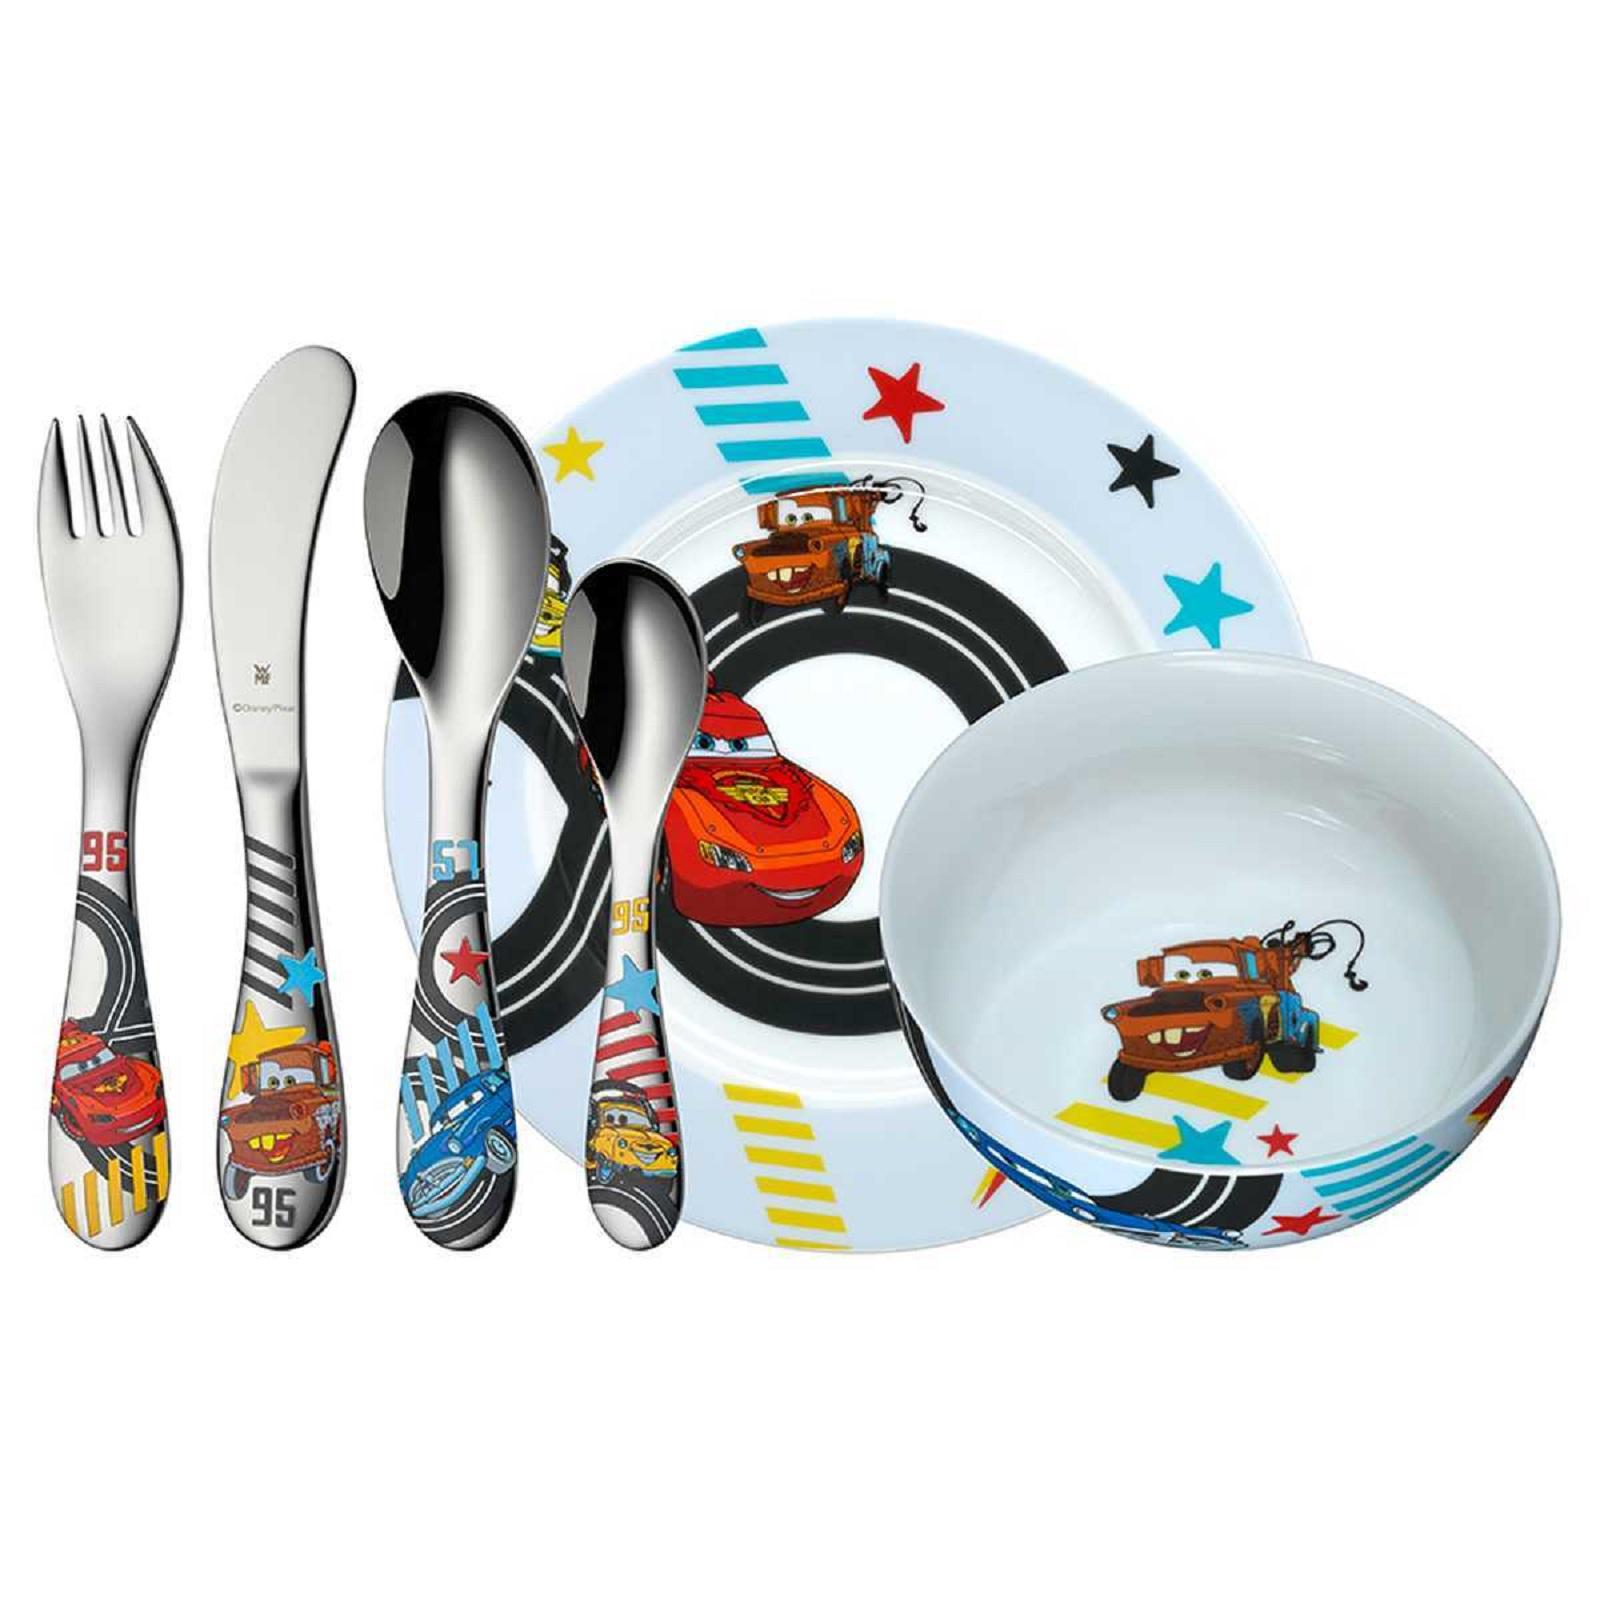 Онлайн каталог PROMENU: Набор столовый детский, 6 пр WMF Cars  (12 8601 9964) WMF 12 8601 9964